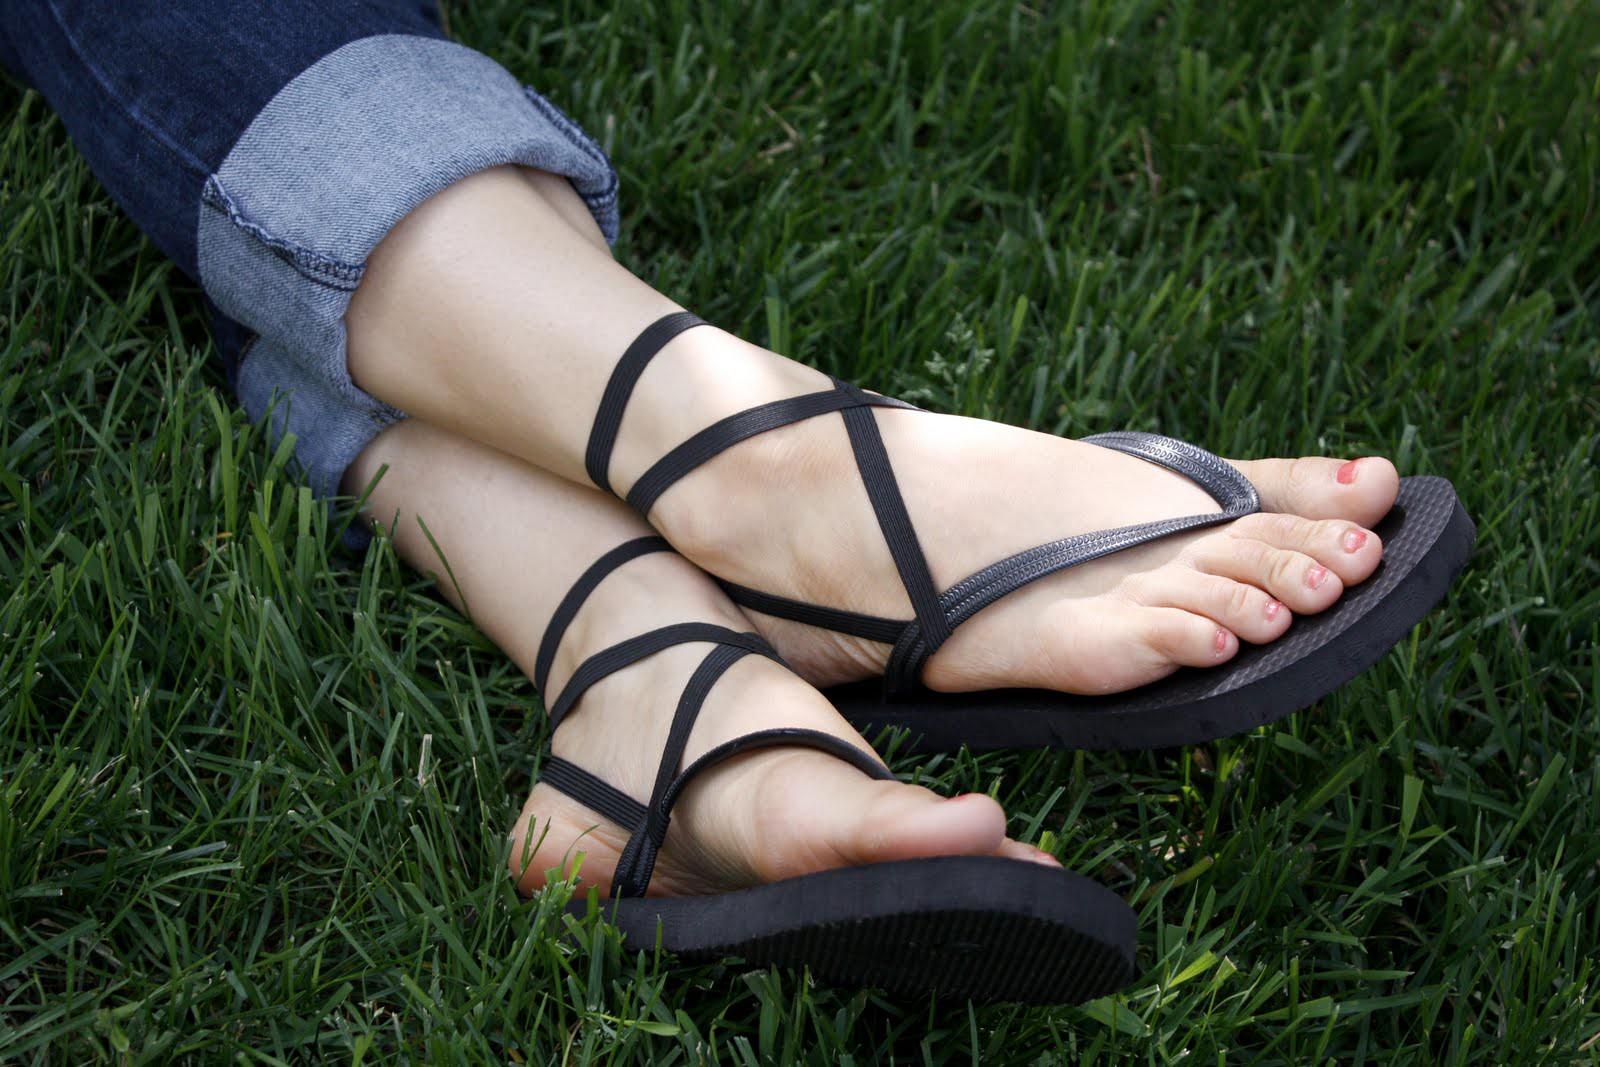 Đôi dép tông mùa hè có thể đang ảnh hưởng đôi chân của bạn theo những cách này - Ảnh 1.